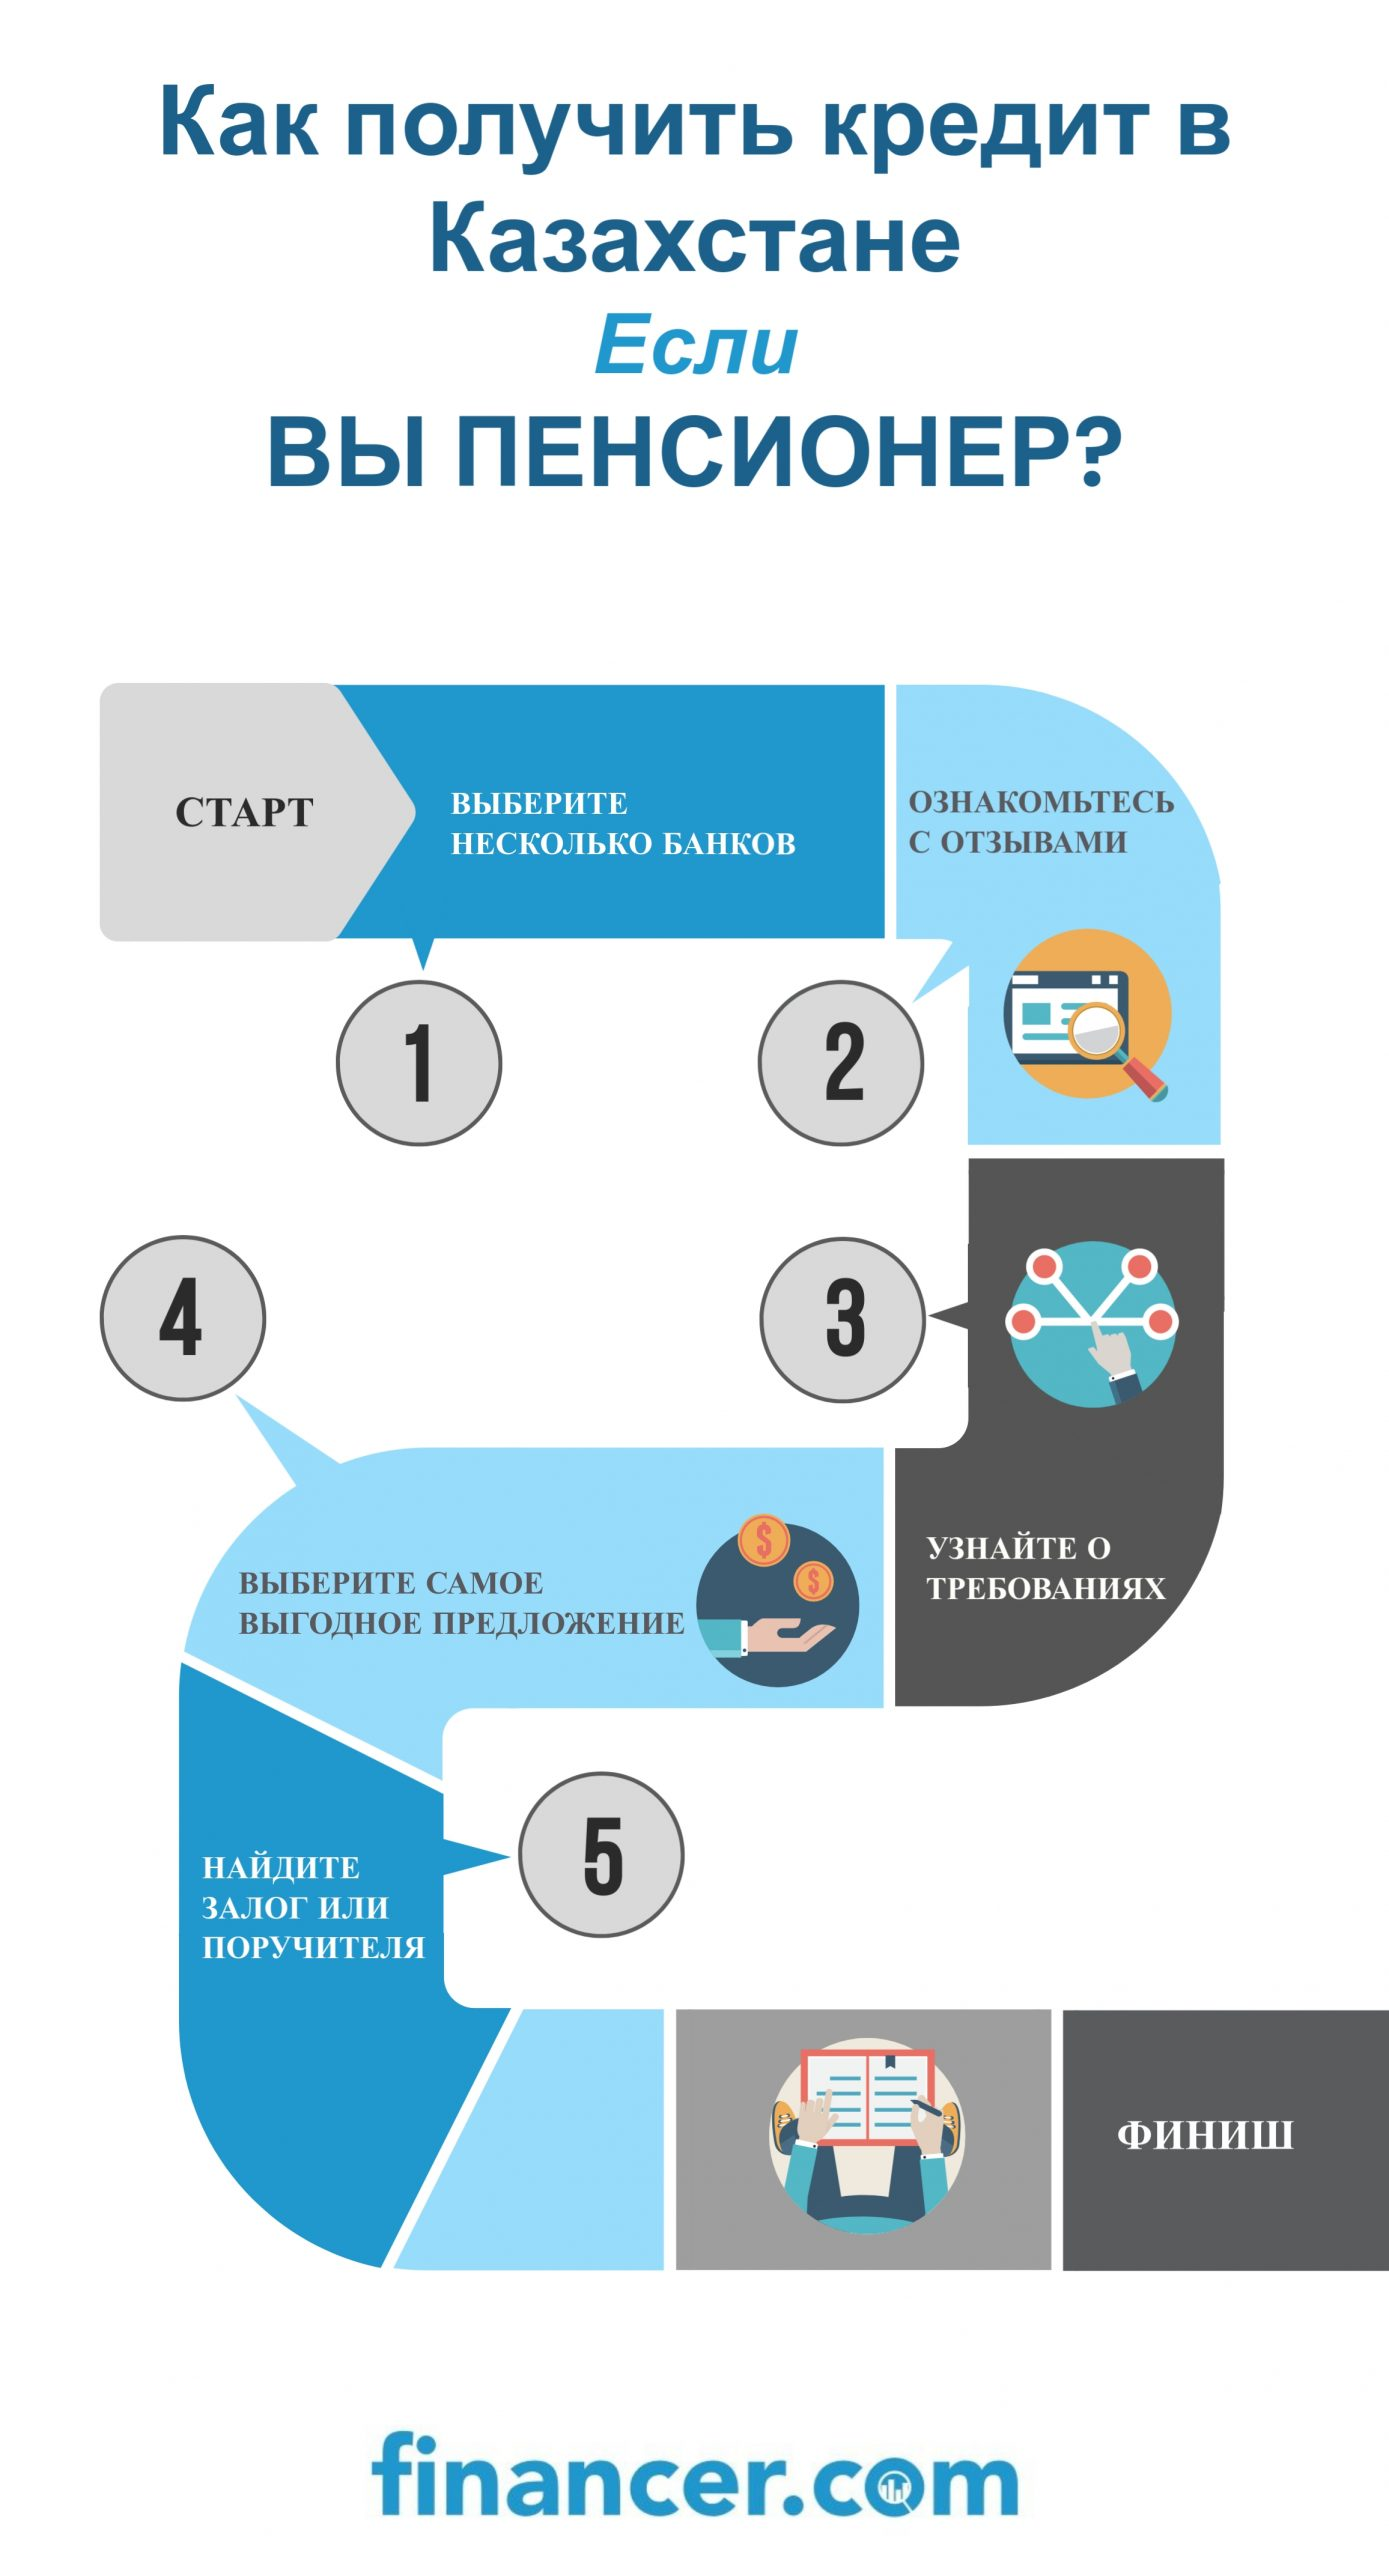 Кредиты пенсионерам в Казахстане